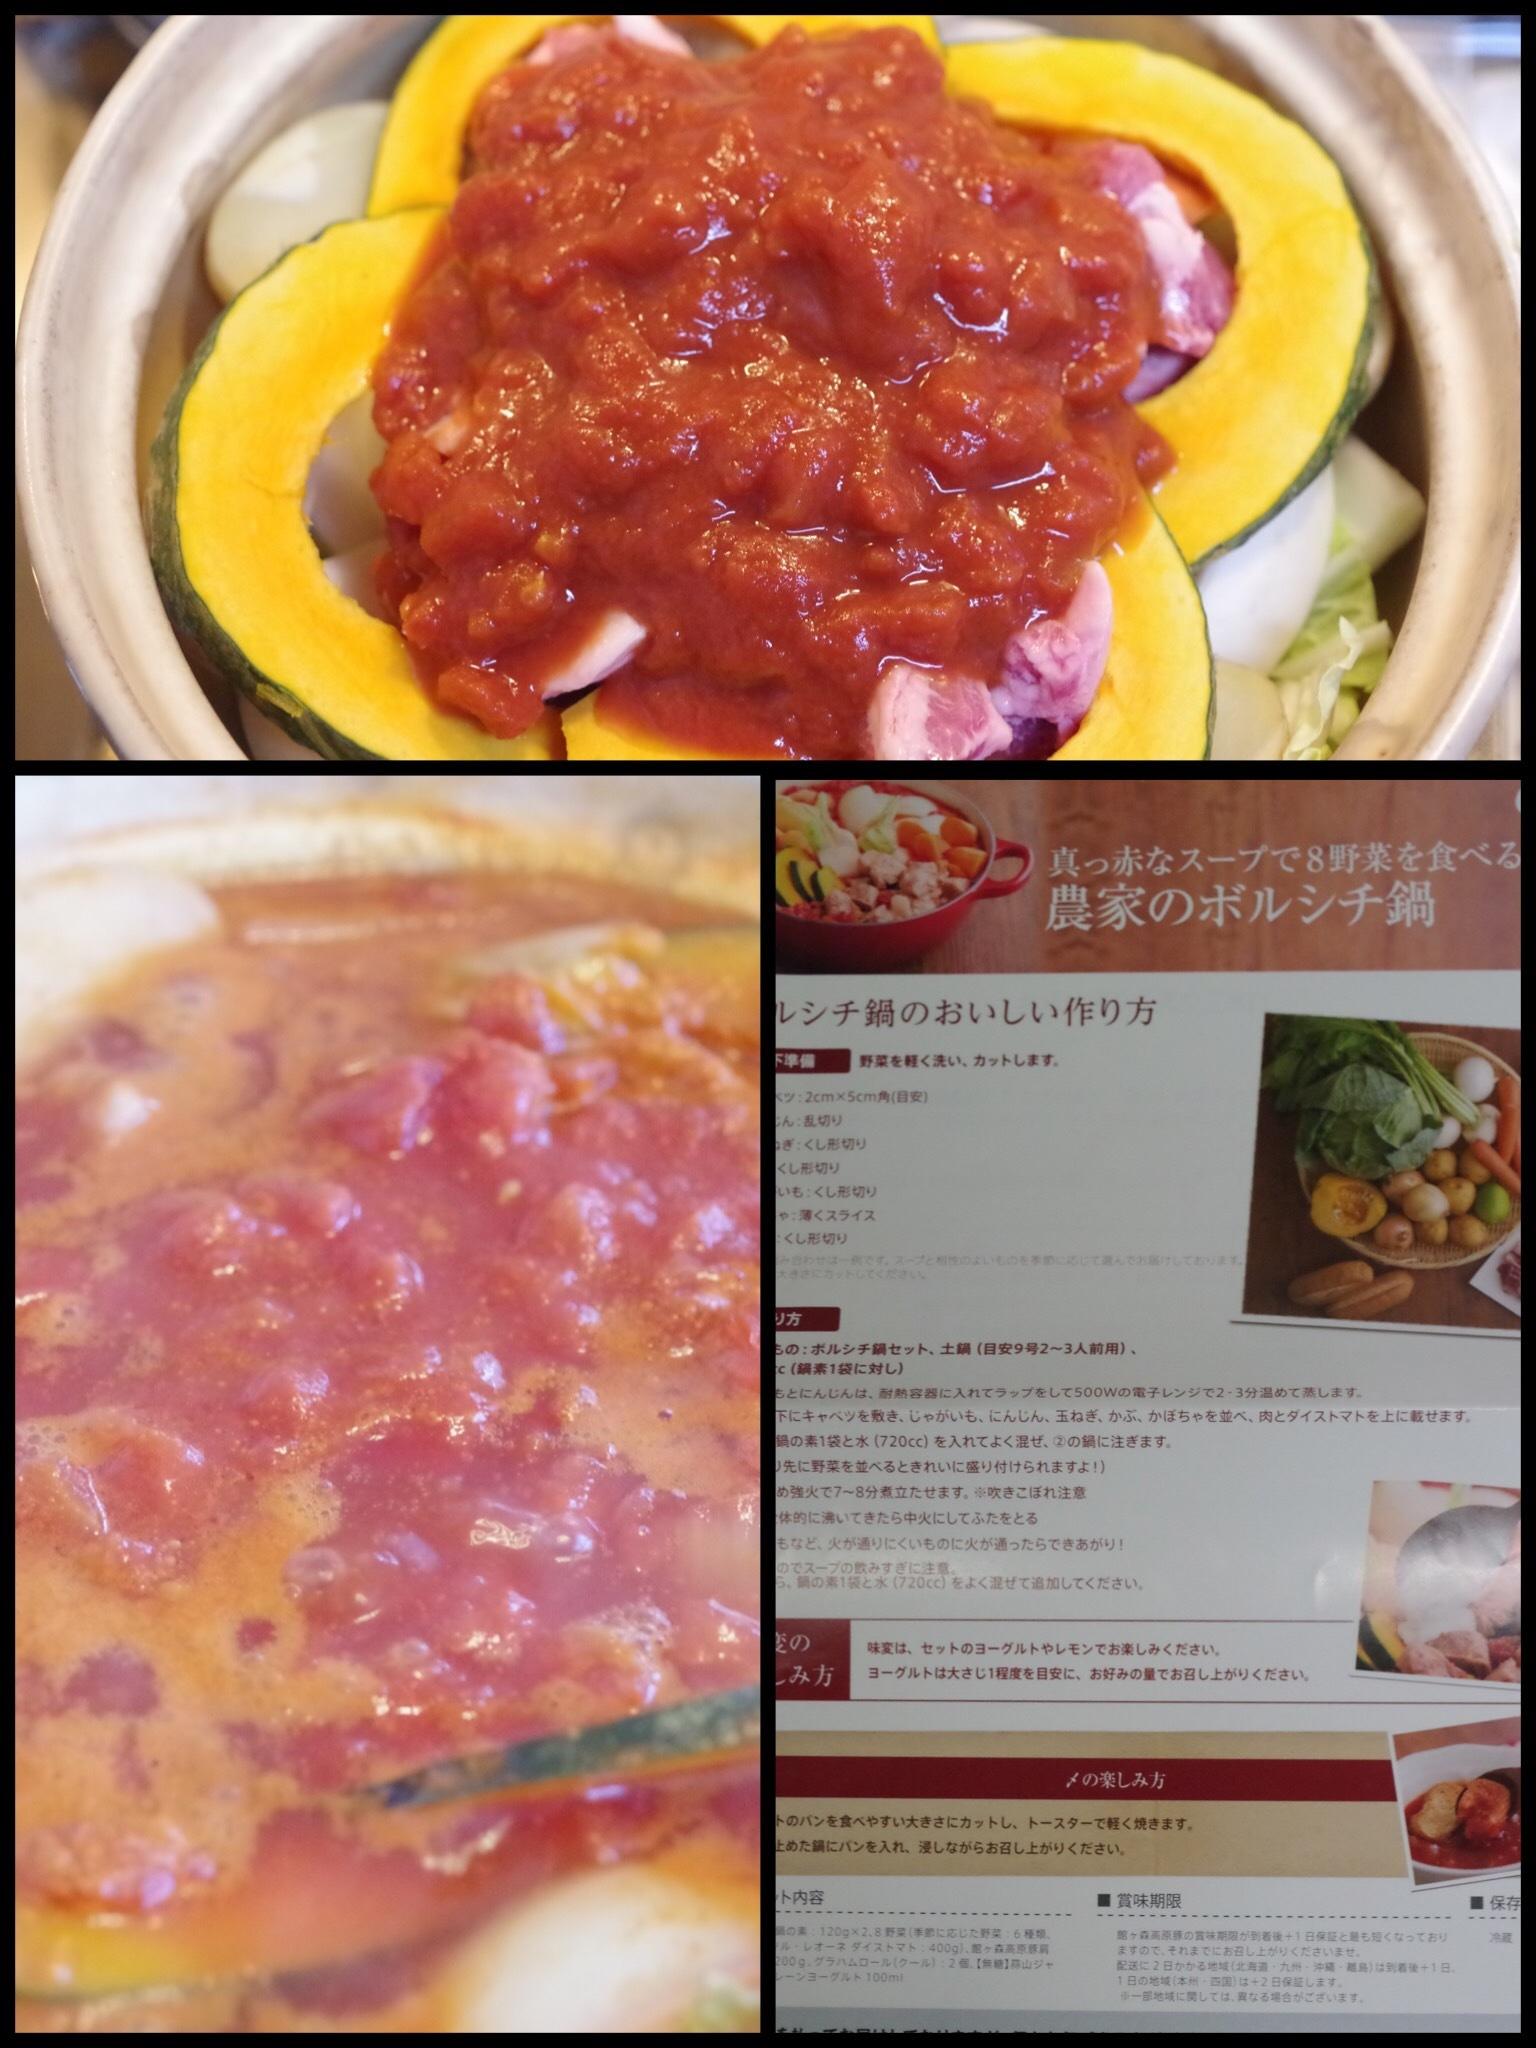 オイシックス 鍋 食材キット 農家のボルシチ鍋